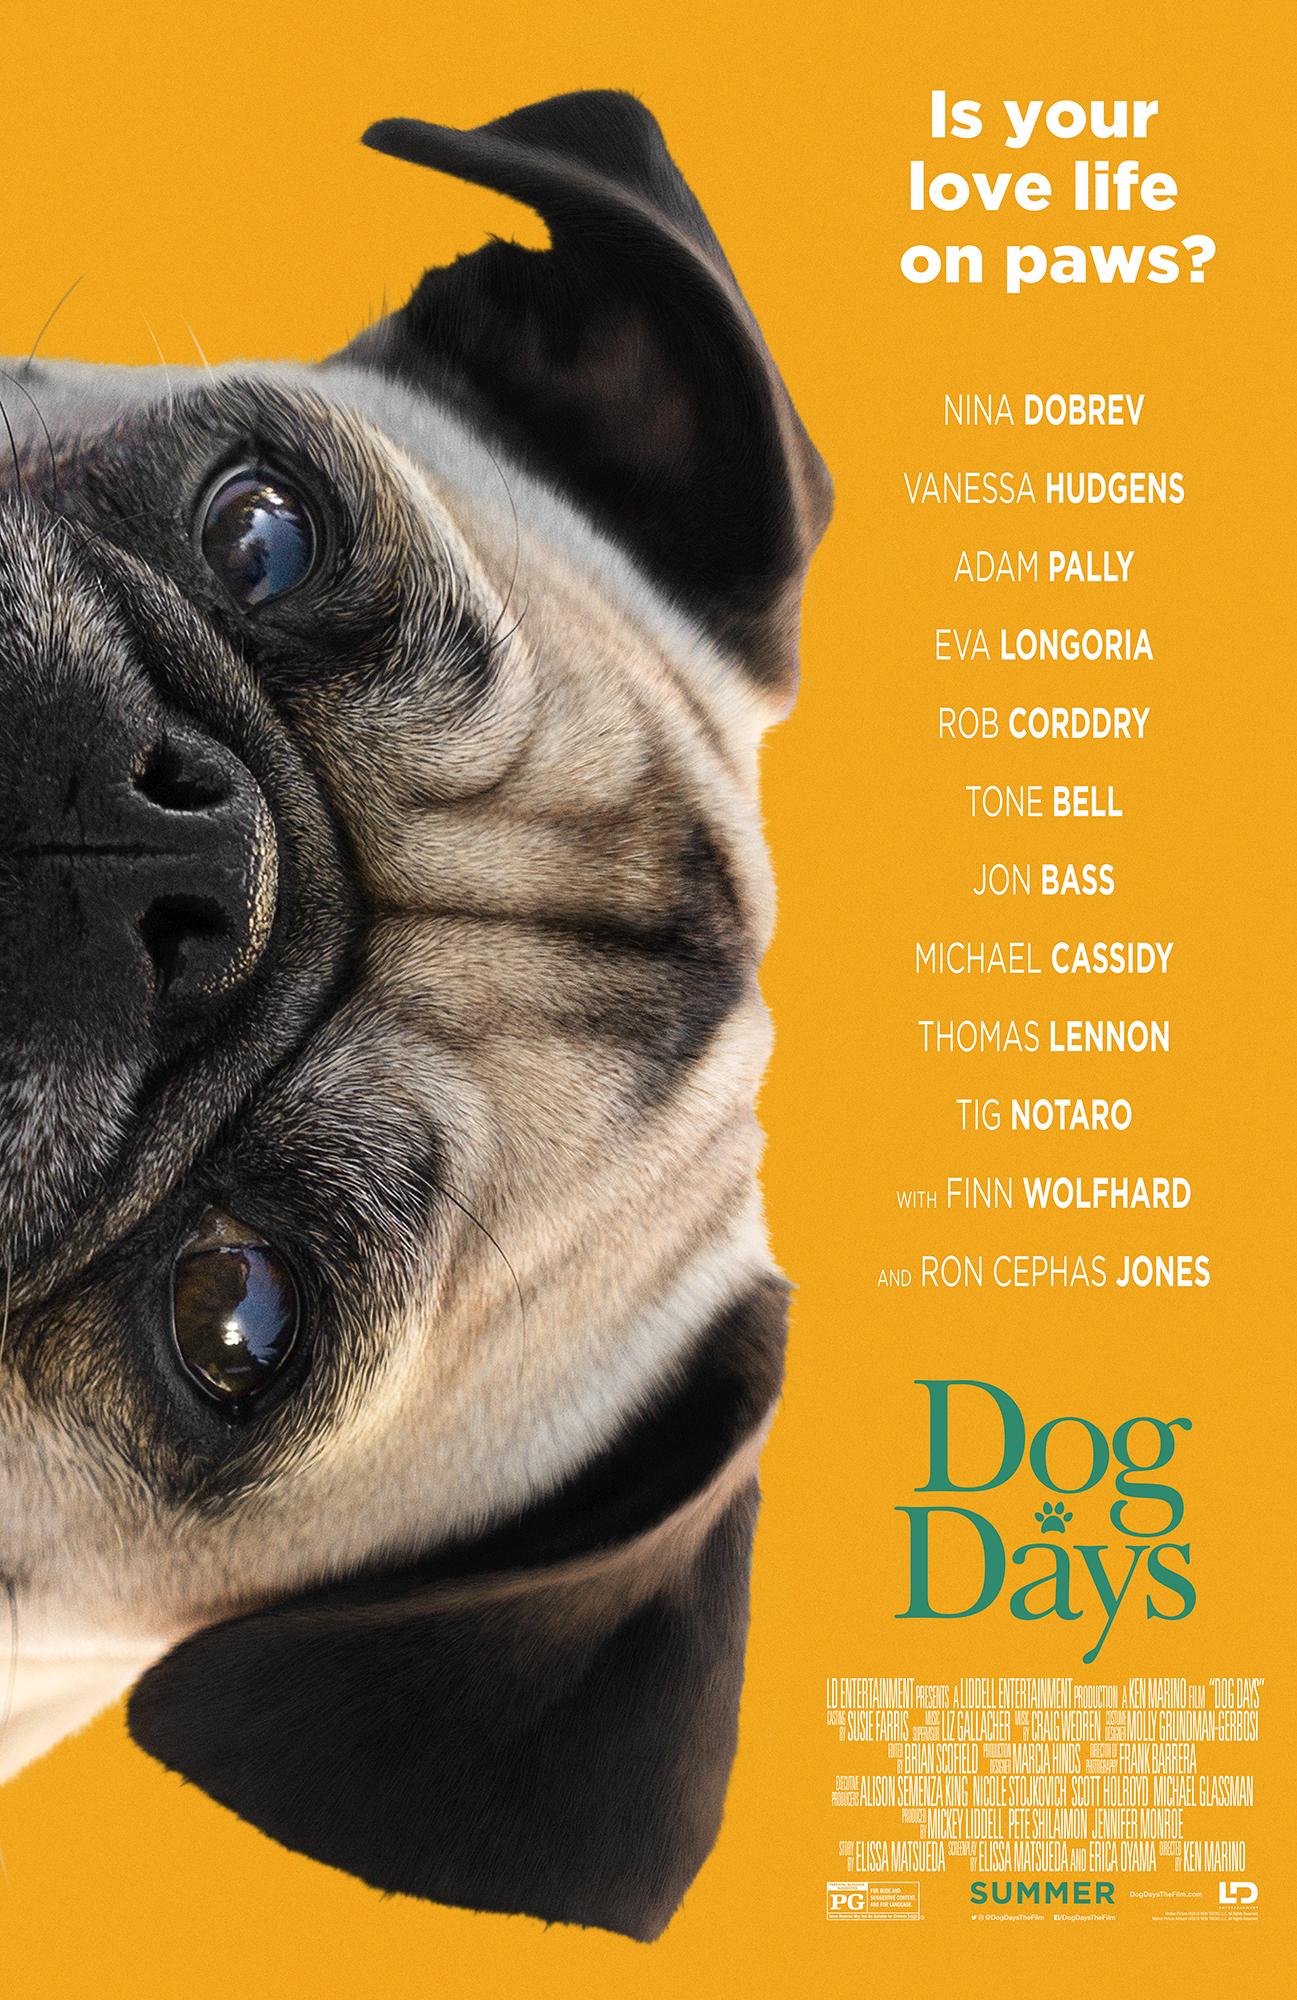 DogDays_1Sht_Mabel_VF_100dpi.jpg